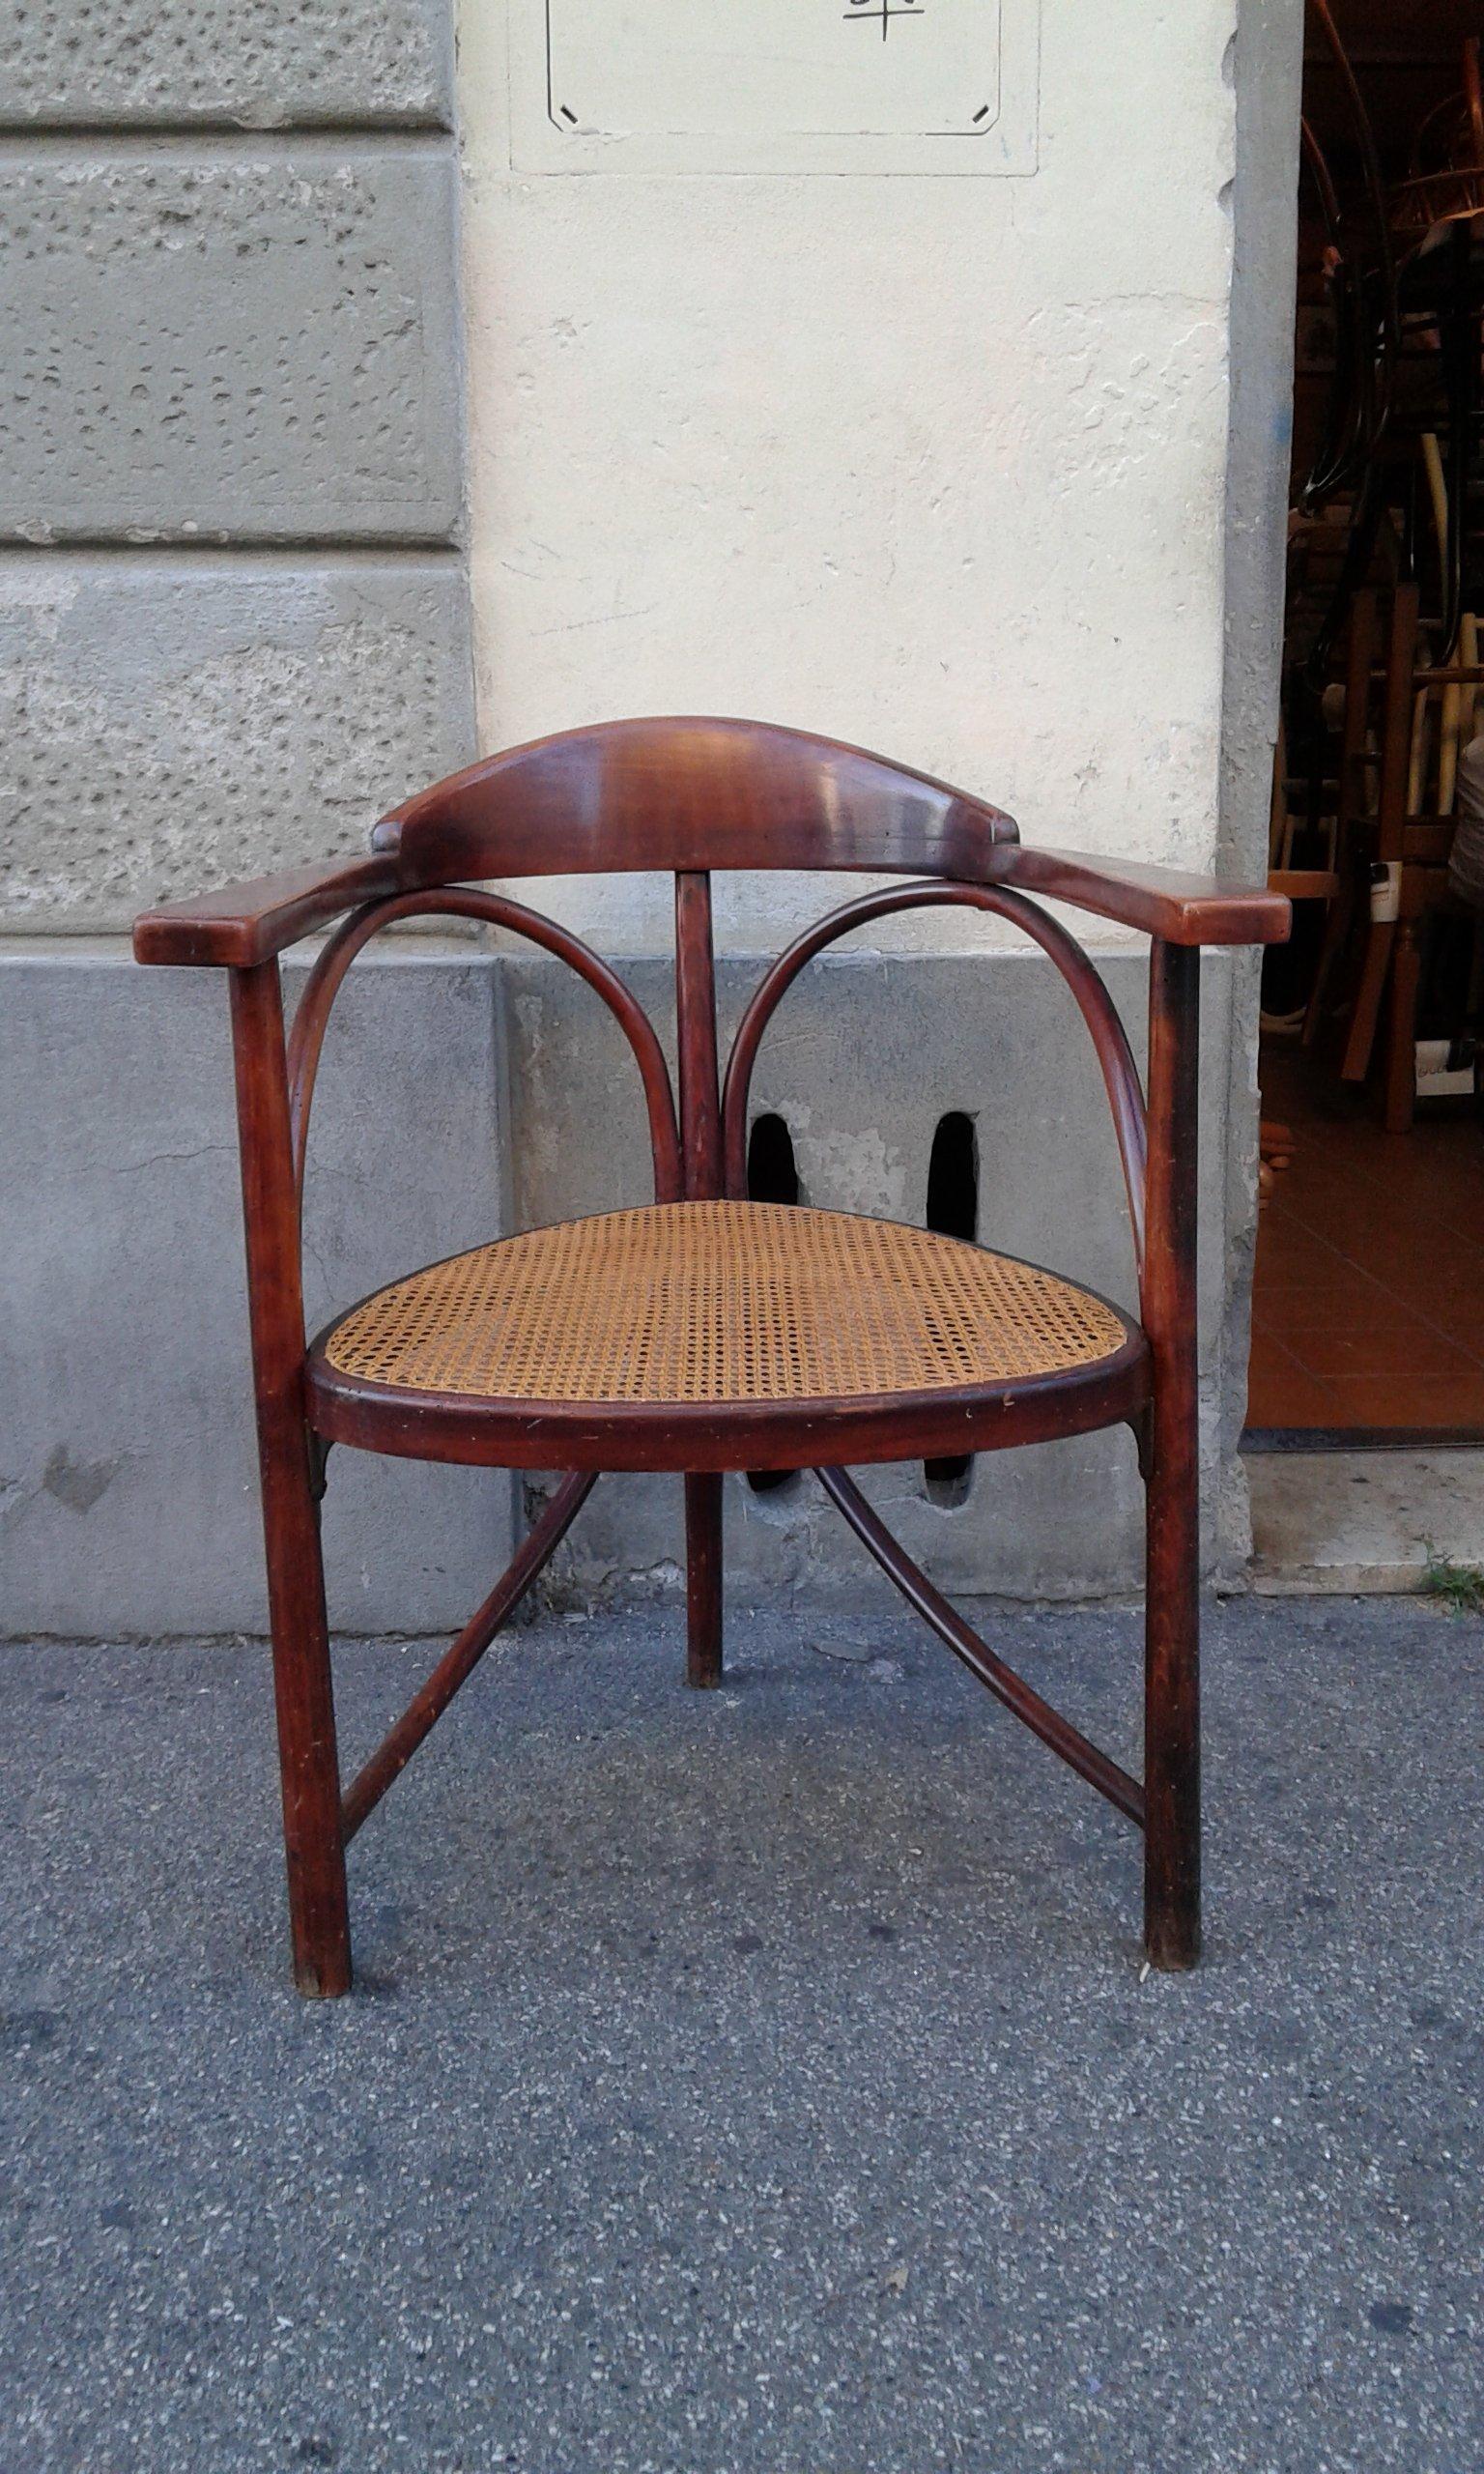 sedia in particolare schienale basso con seduta in paglia